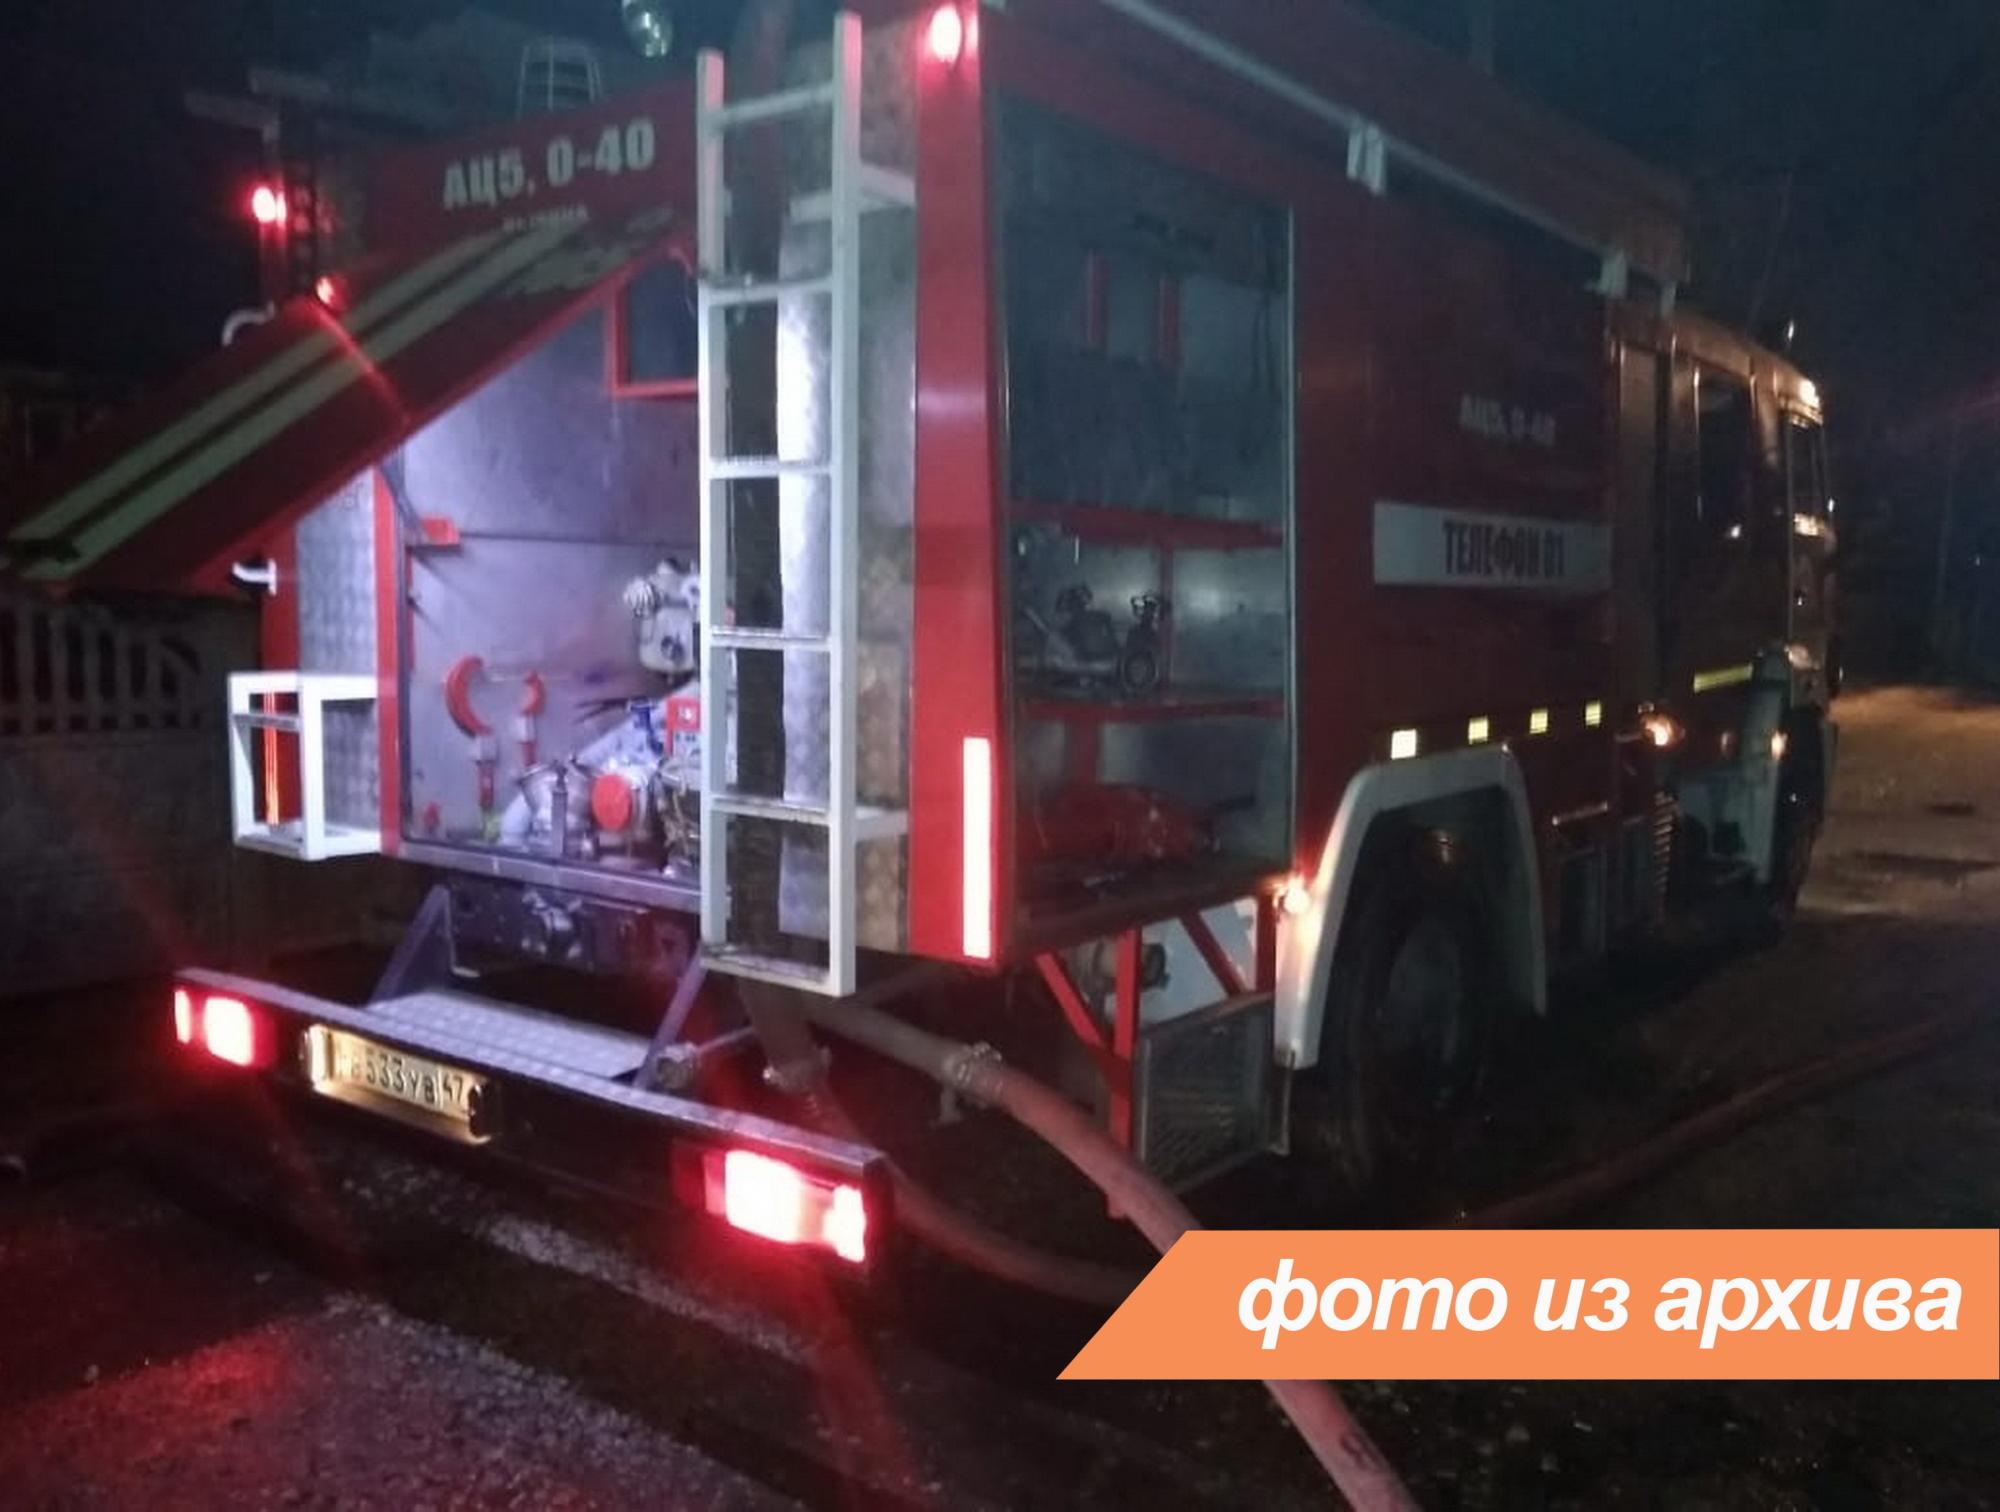 Пожарно-спасательное подразделение Ленинградской области ликвидировало пожар в г.Гатчина